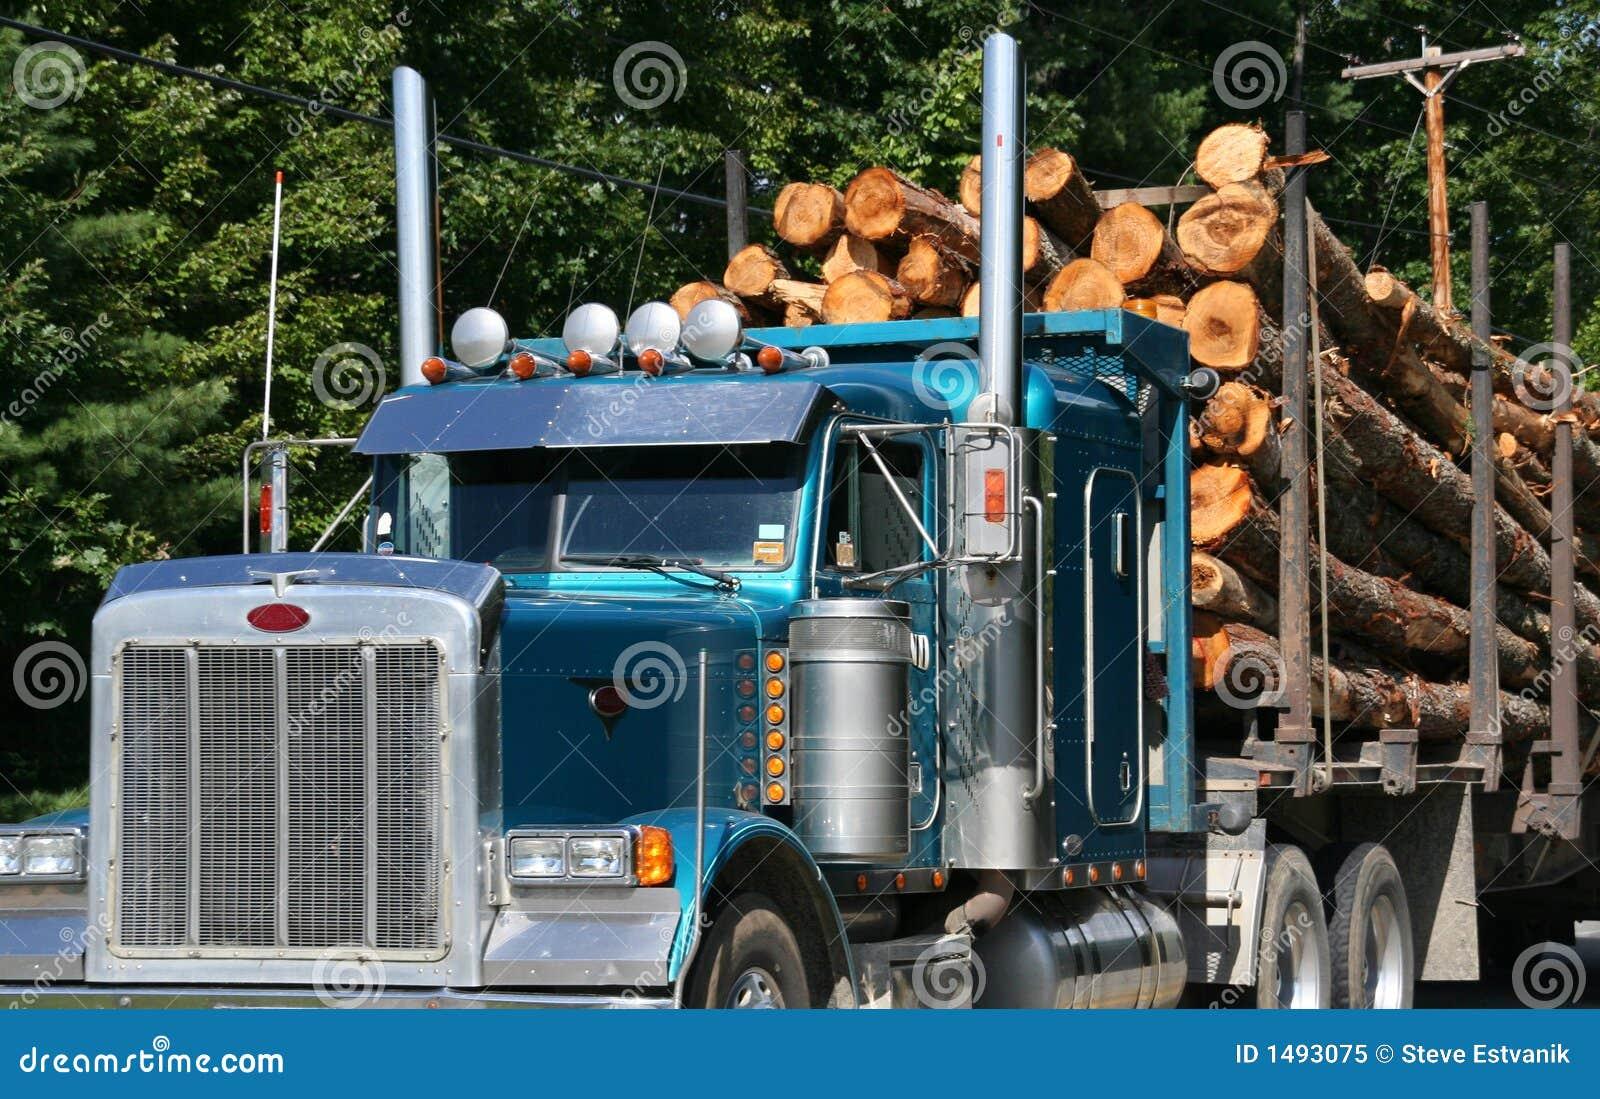 Protokollierender LKW mit voller Eingabe